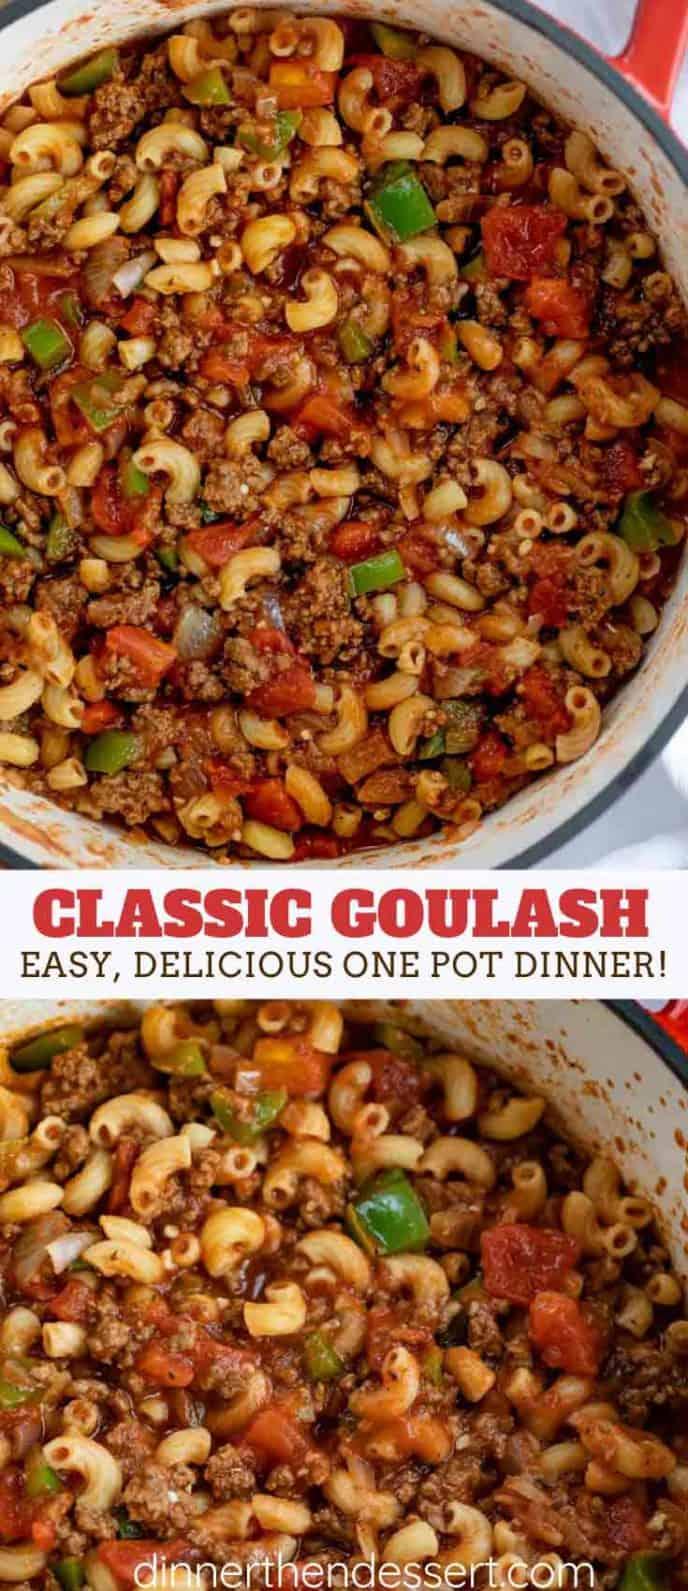 Classic Goulash